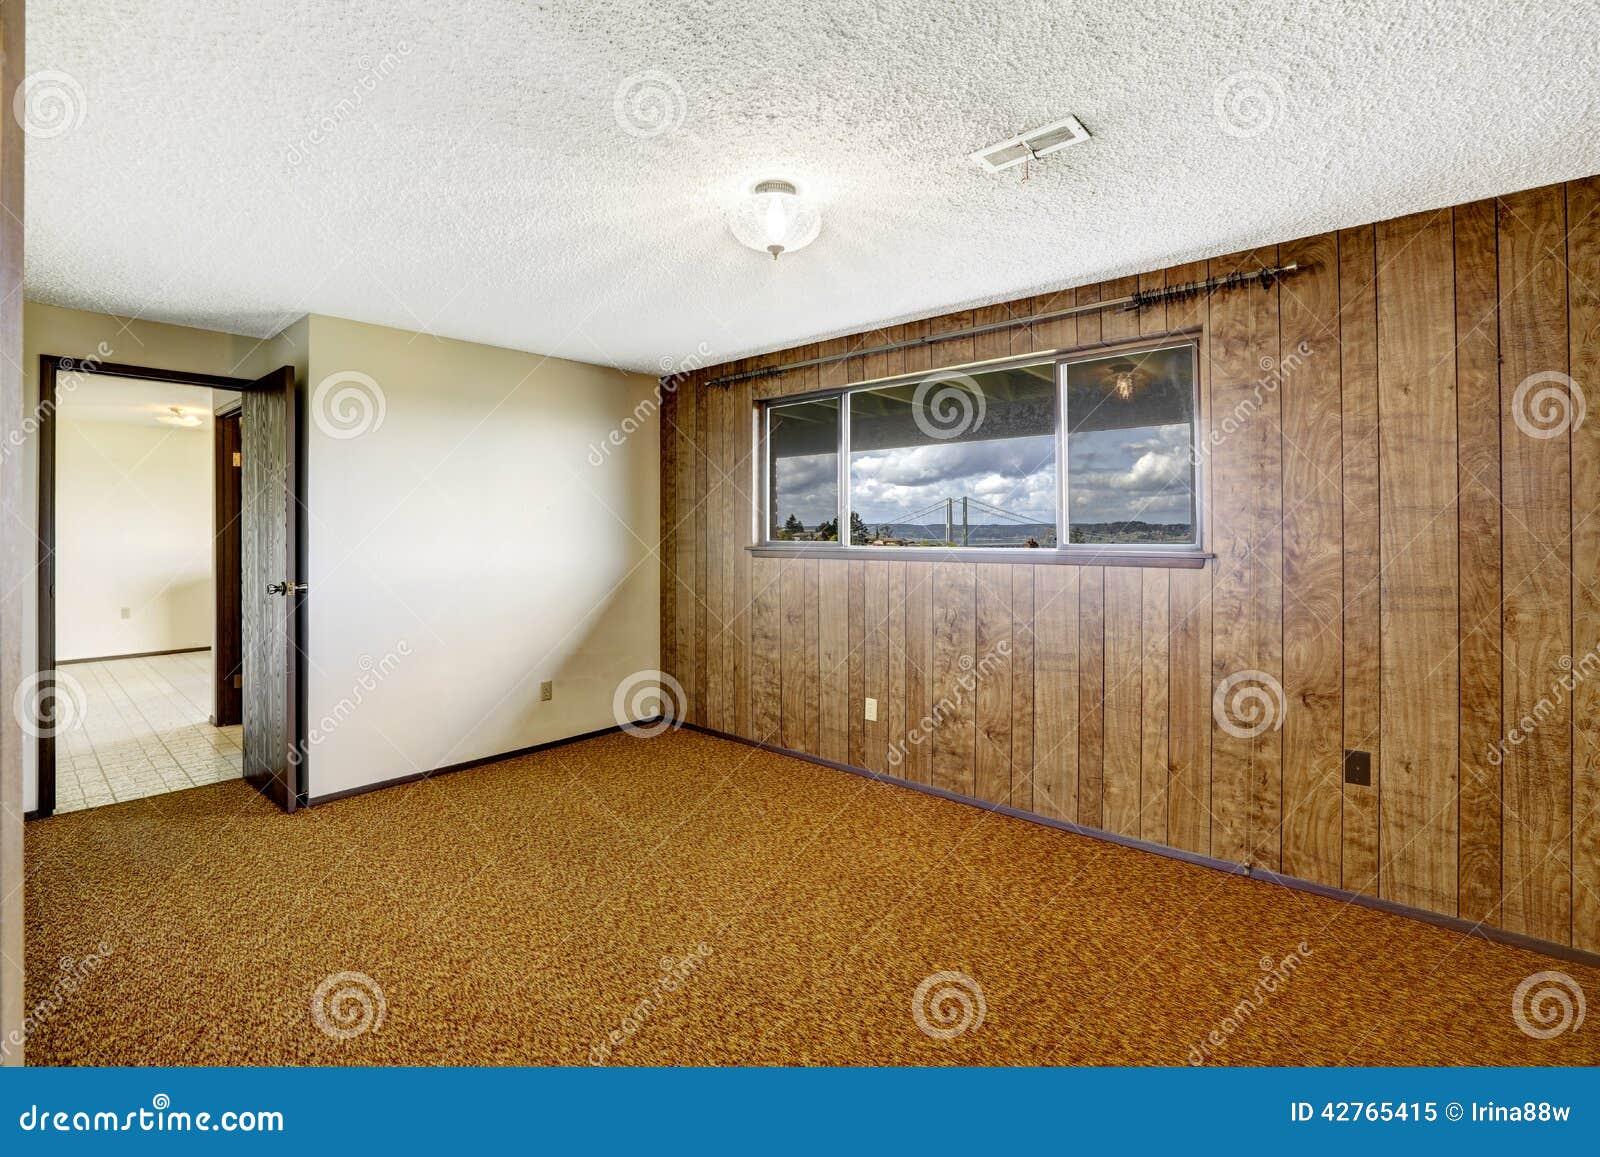 Pannelli in laminato per pareti interne - Rivestimento pareti interne in legno ...